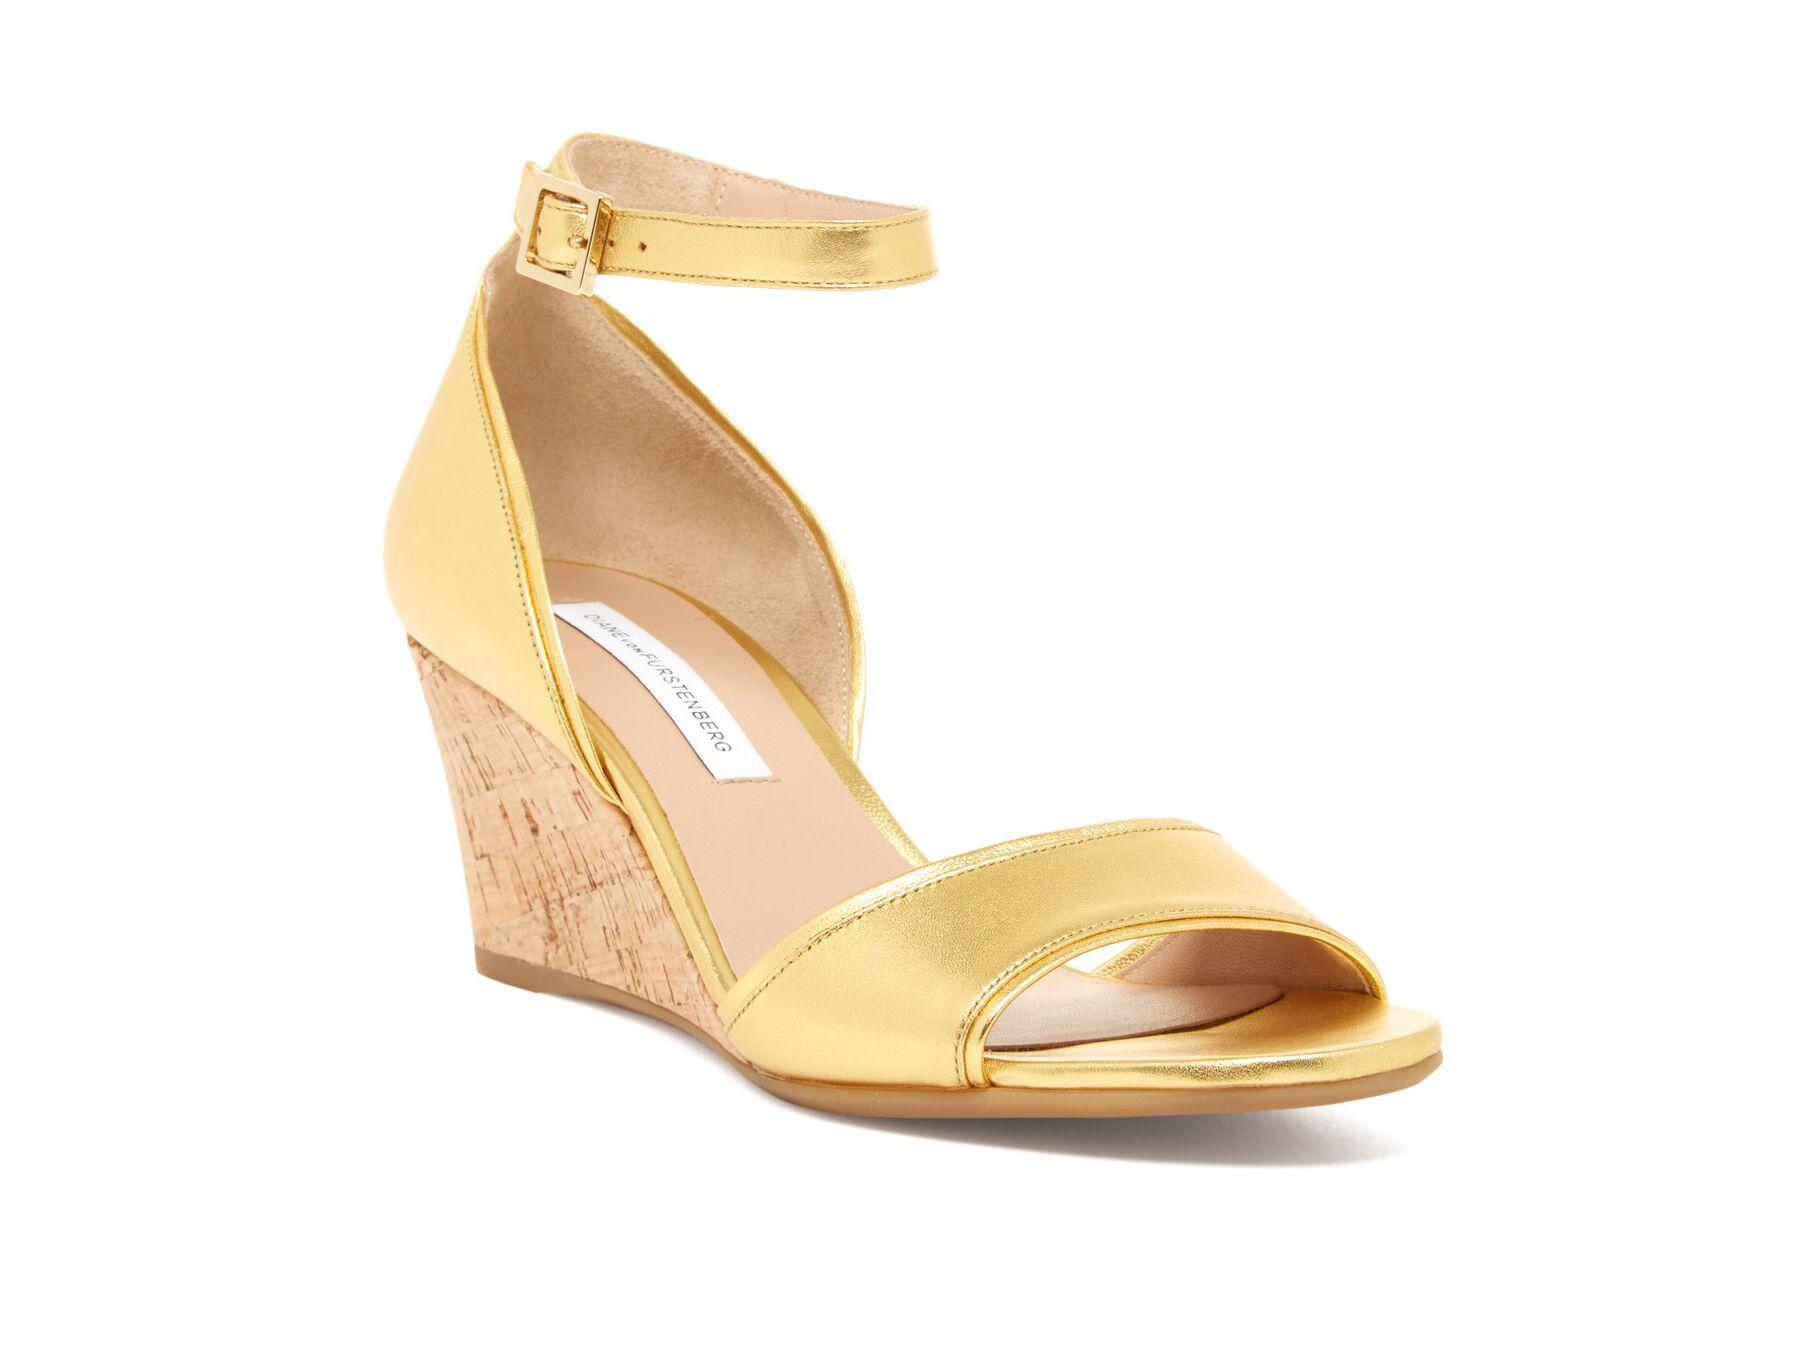 boutique heels designer img comfortable av comforter most stilettos collections avheels inch wedges wine